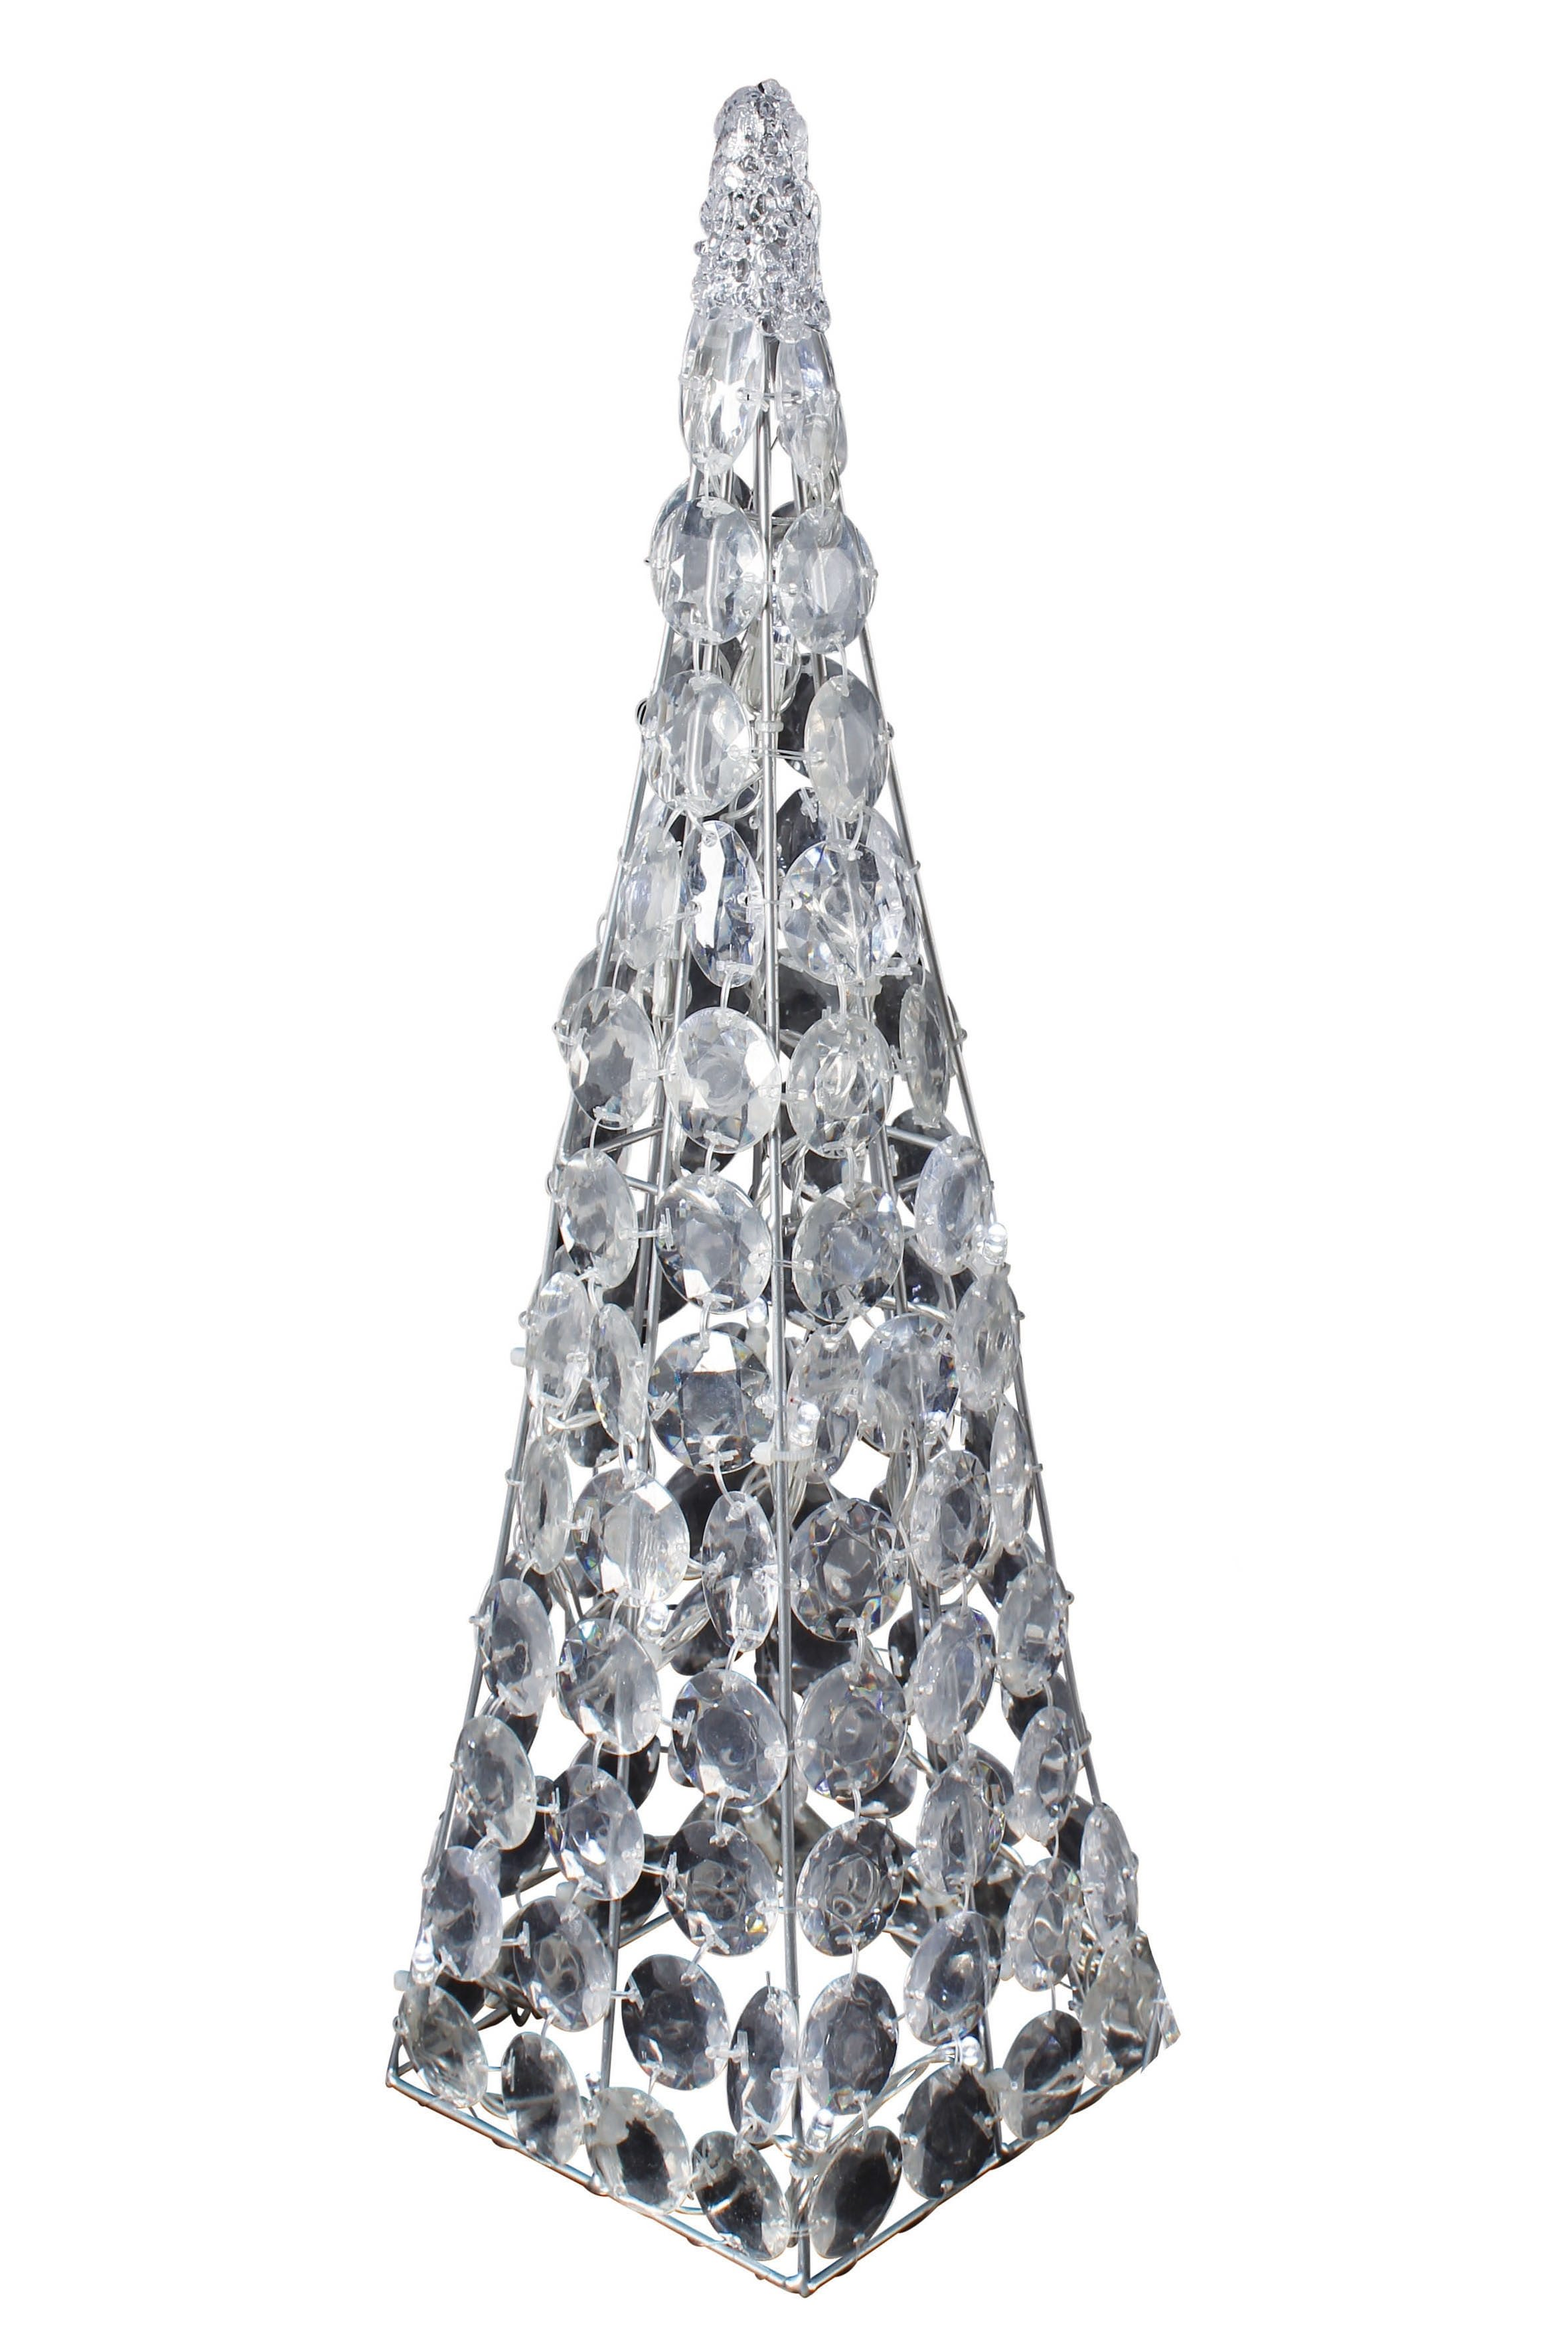 LED-Acryl-Pyramide, Näve